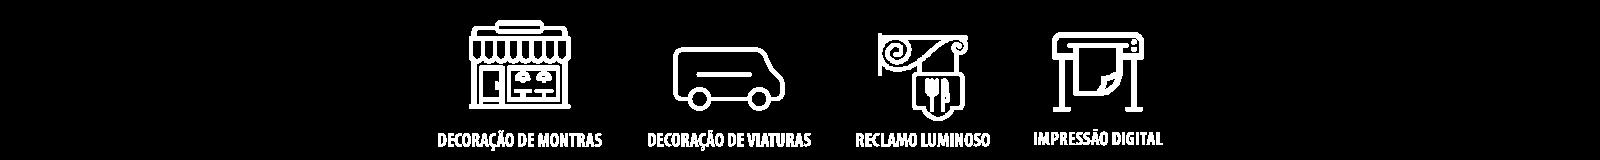 http://criatopo.com/wp-content/uploads/2017/04/decoracao-de-montras-viaturas-reclamos-2-1600x160.png